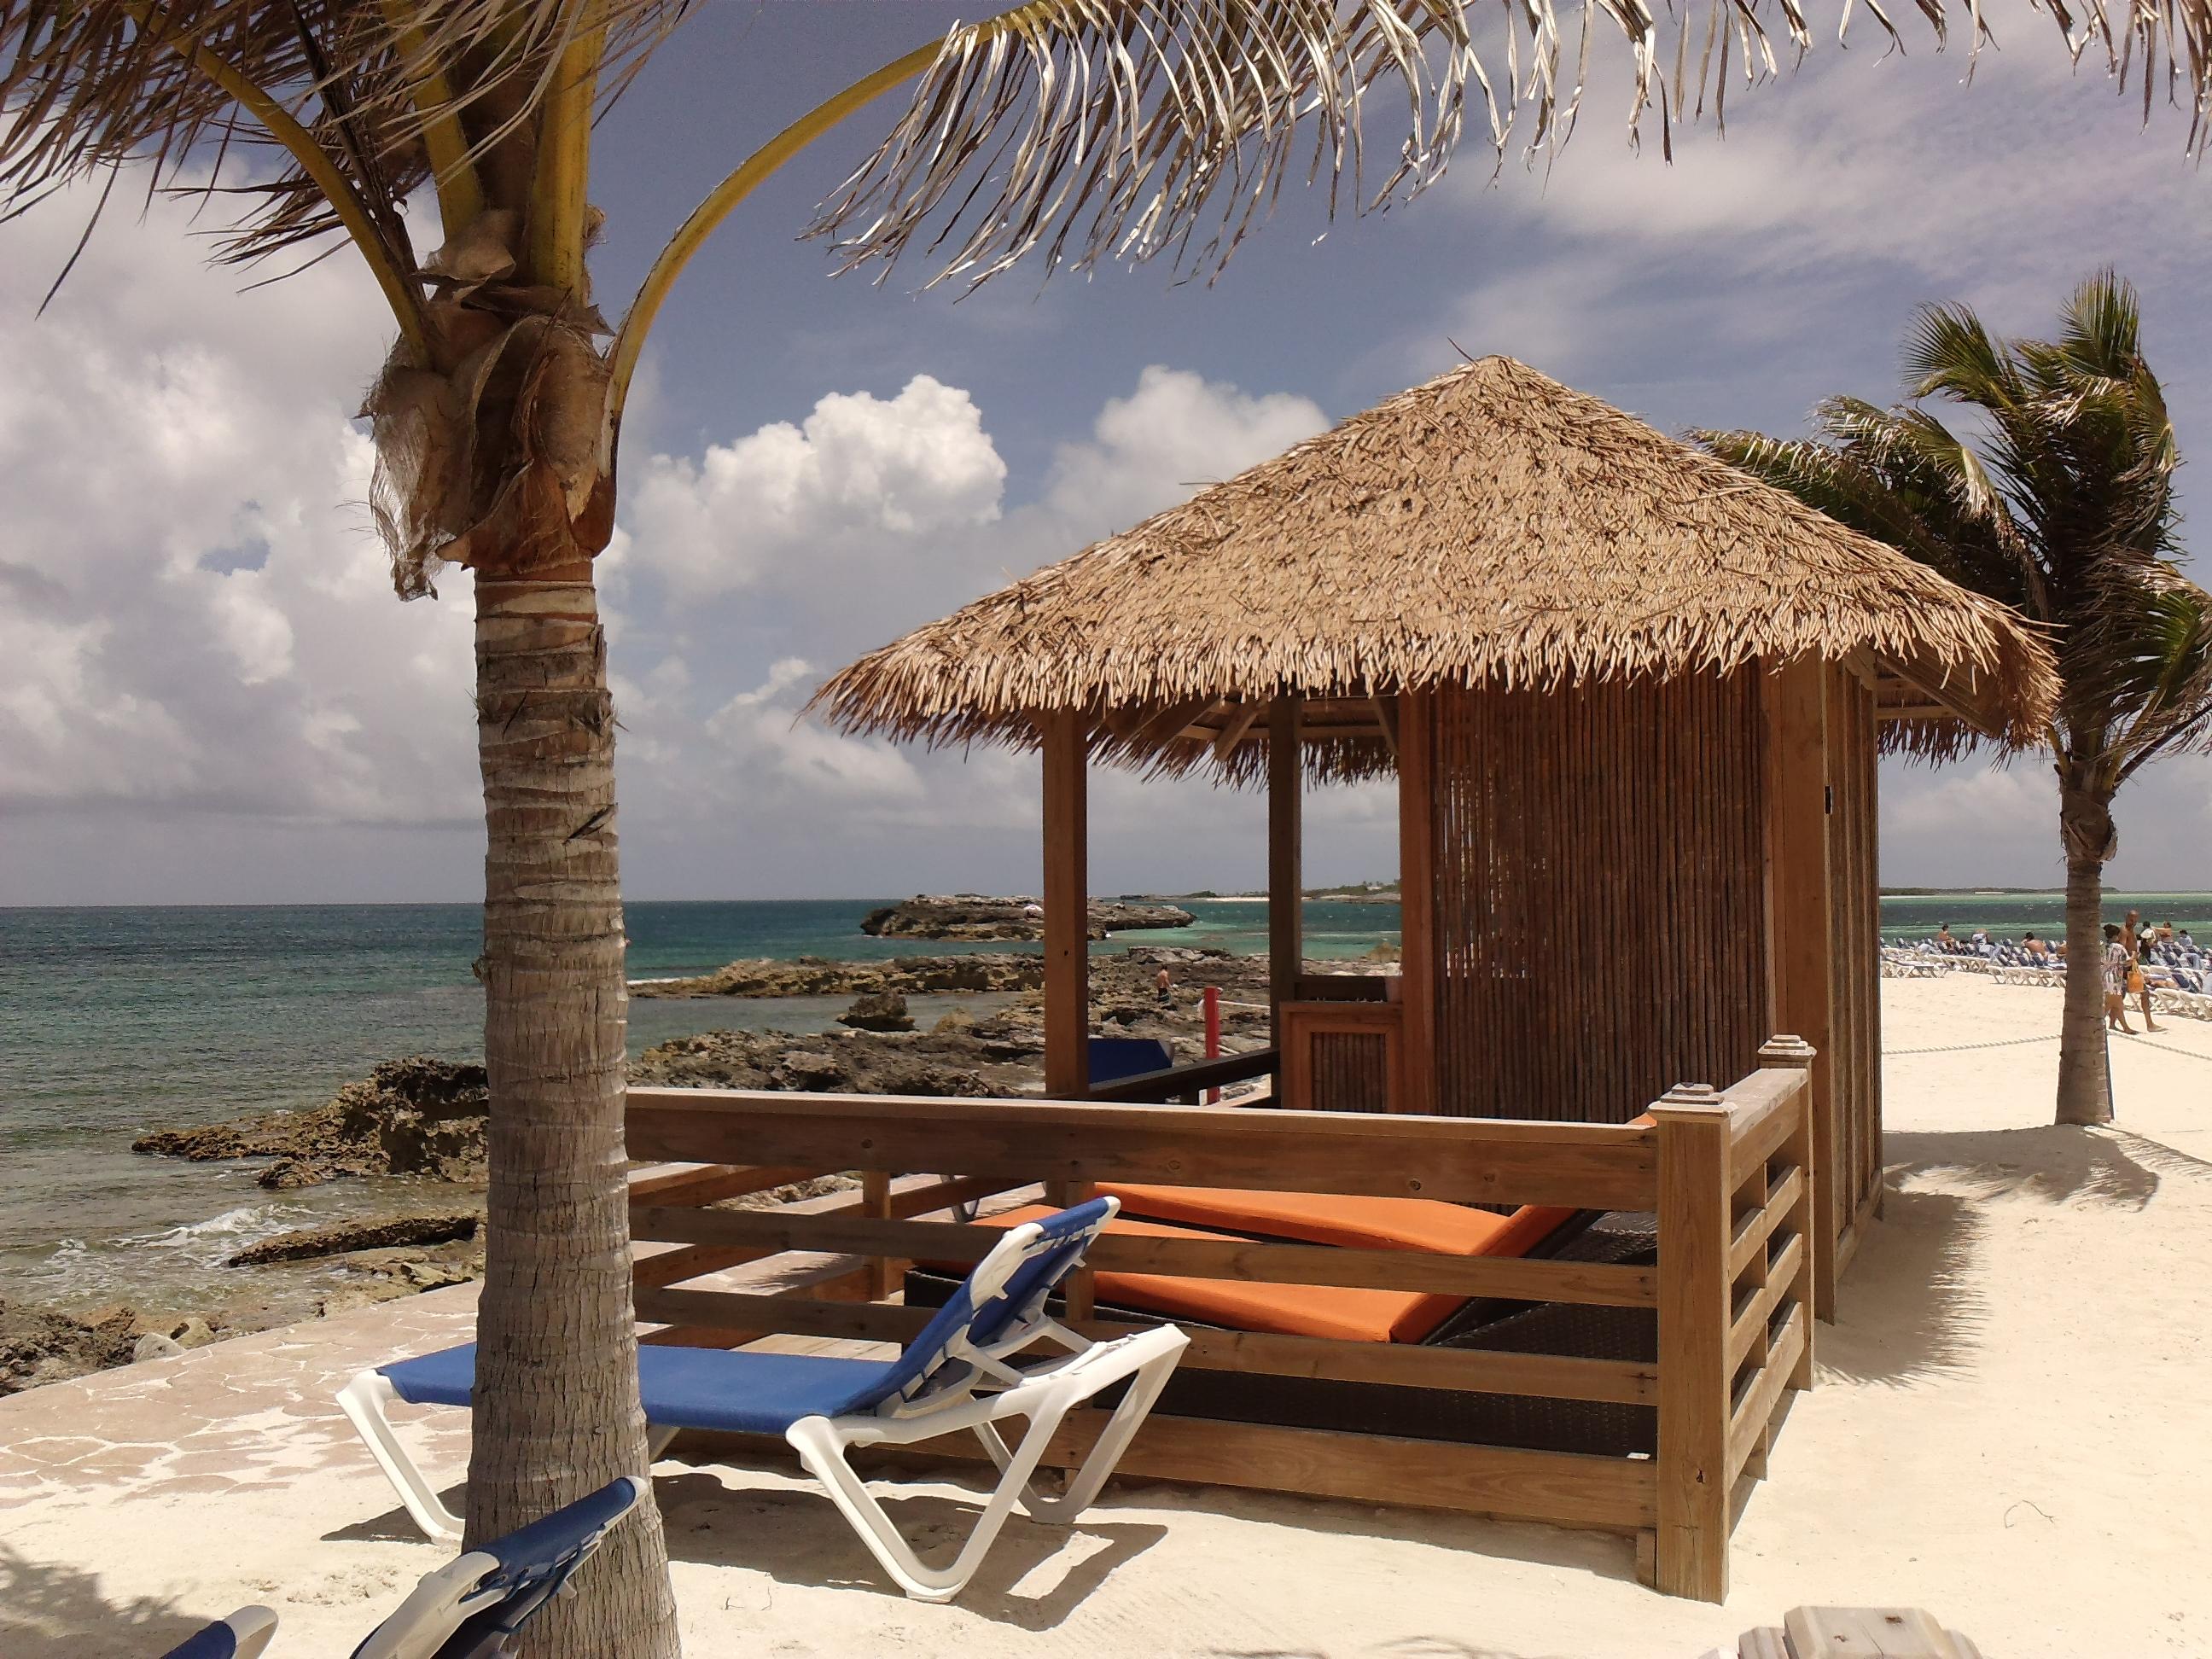 Coco Cay Bahamas Island Oasis Cabana Club Cabana 3